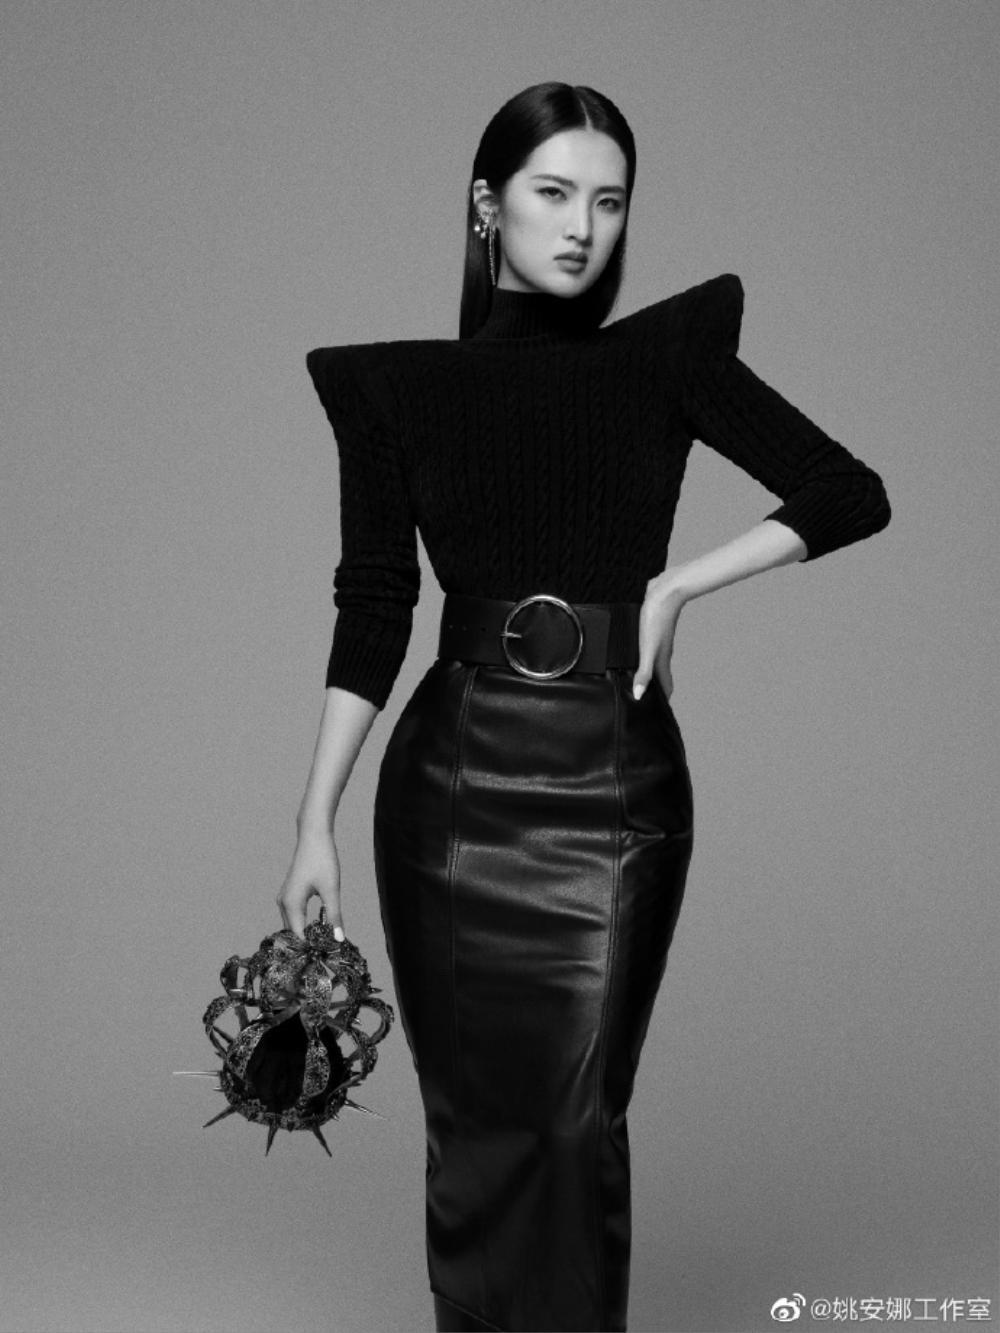 Con gái của tập đoàn Huawei gia nhập vào công ty giải trí của Trần Phi Vũ Ảnh 2